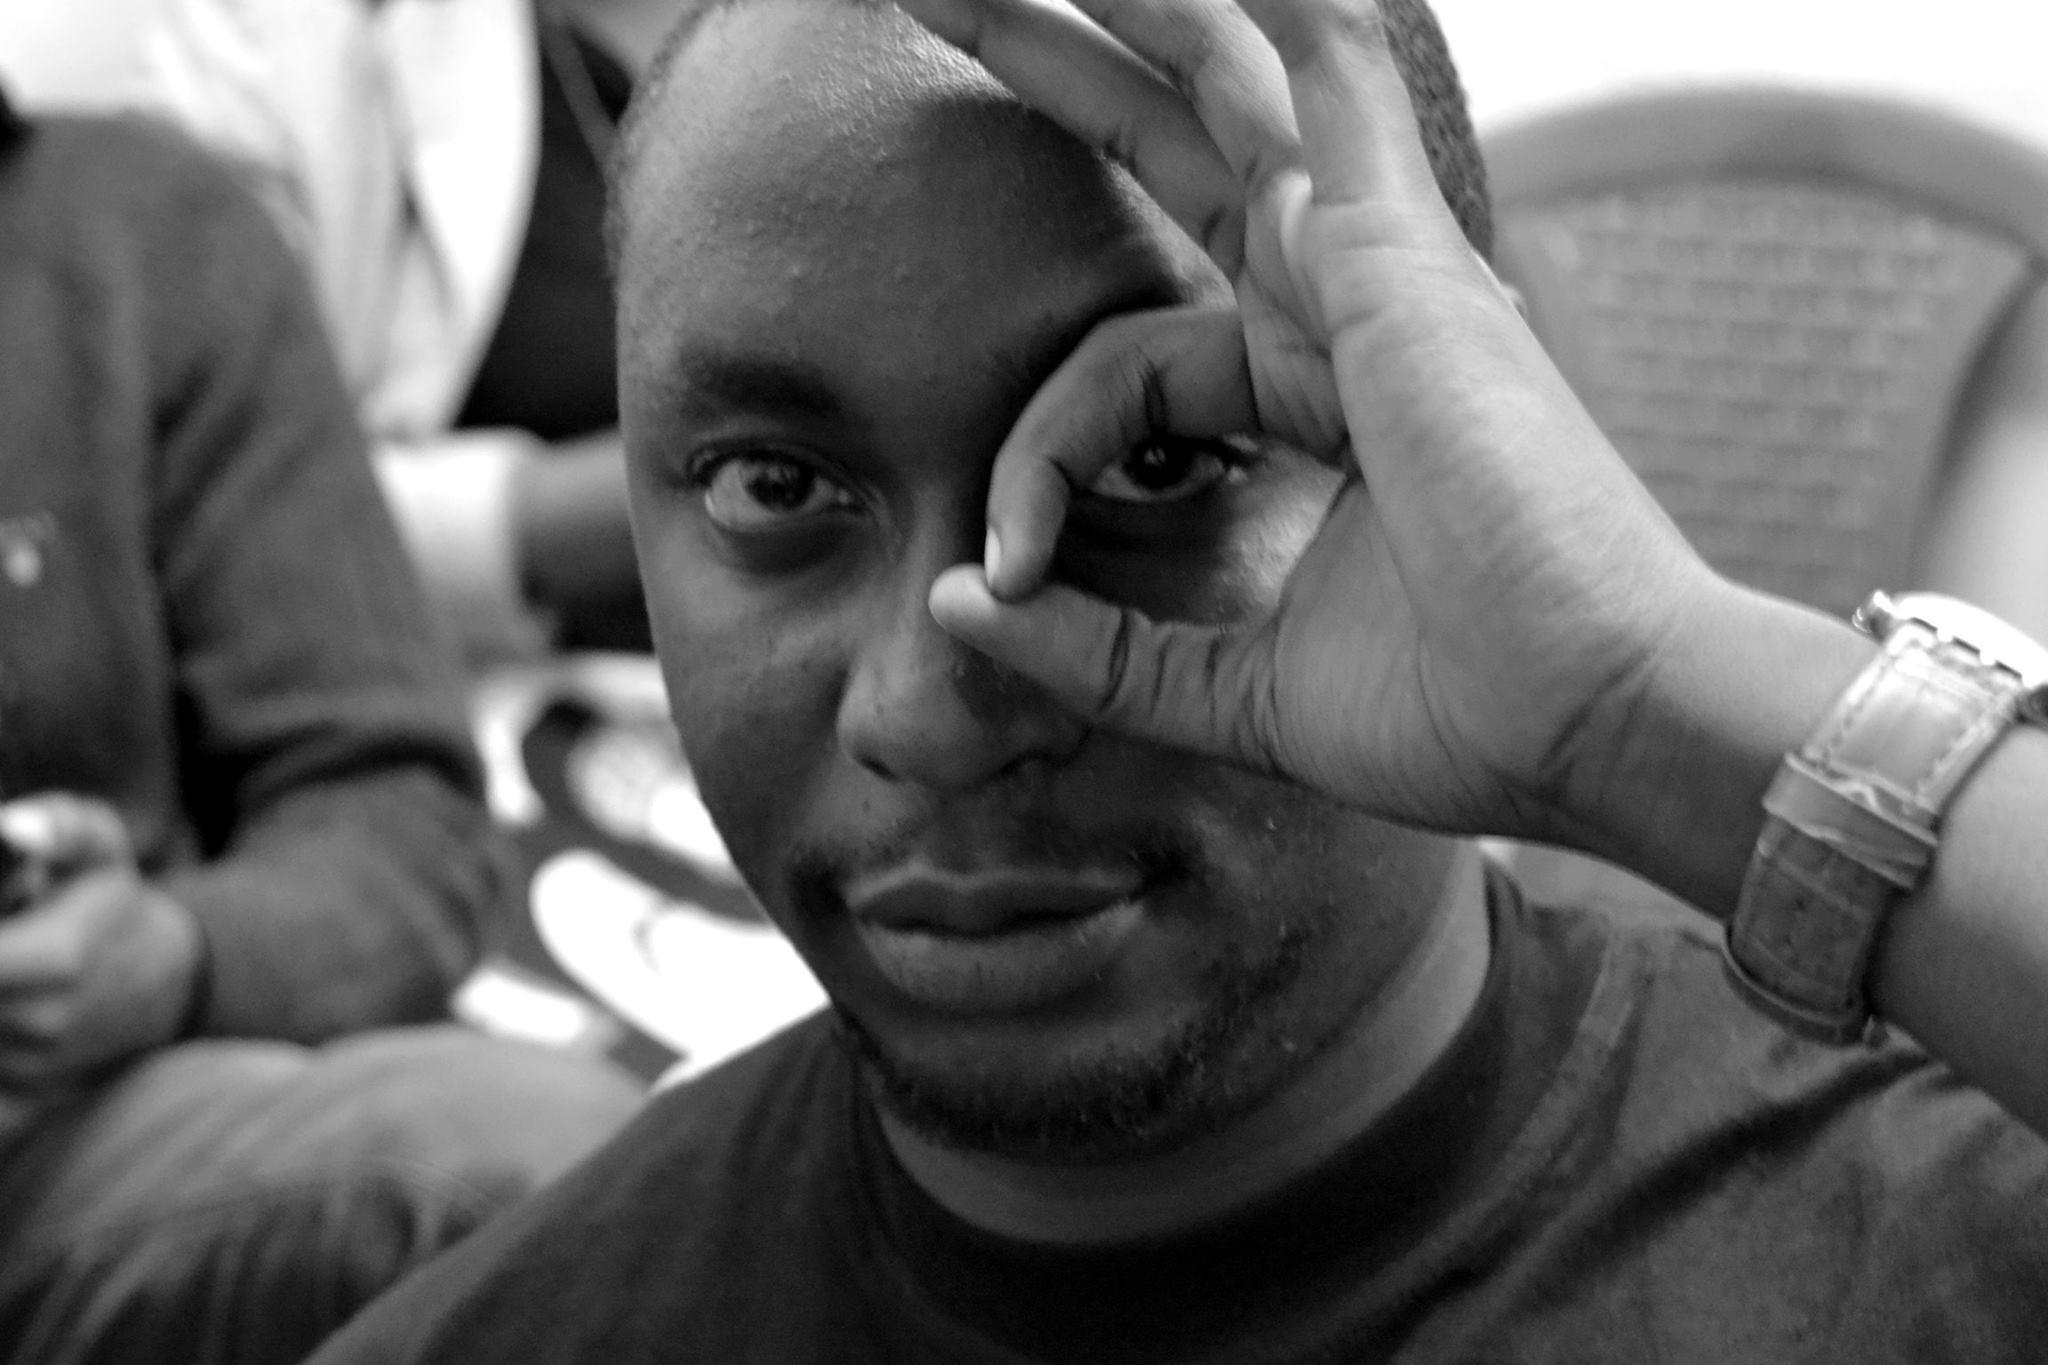 Michael Mukiri